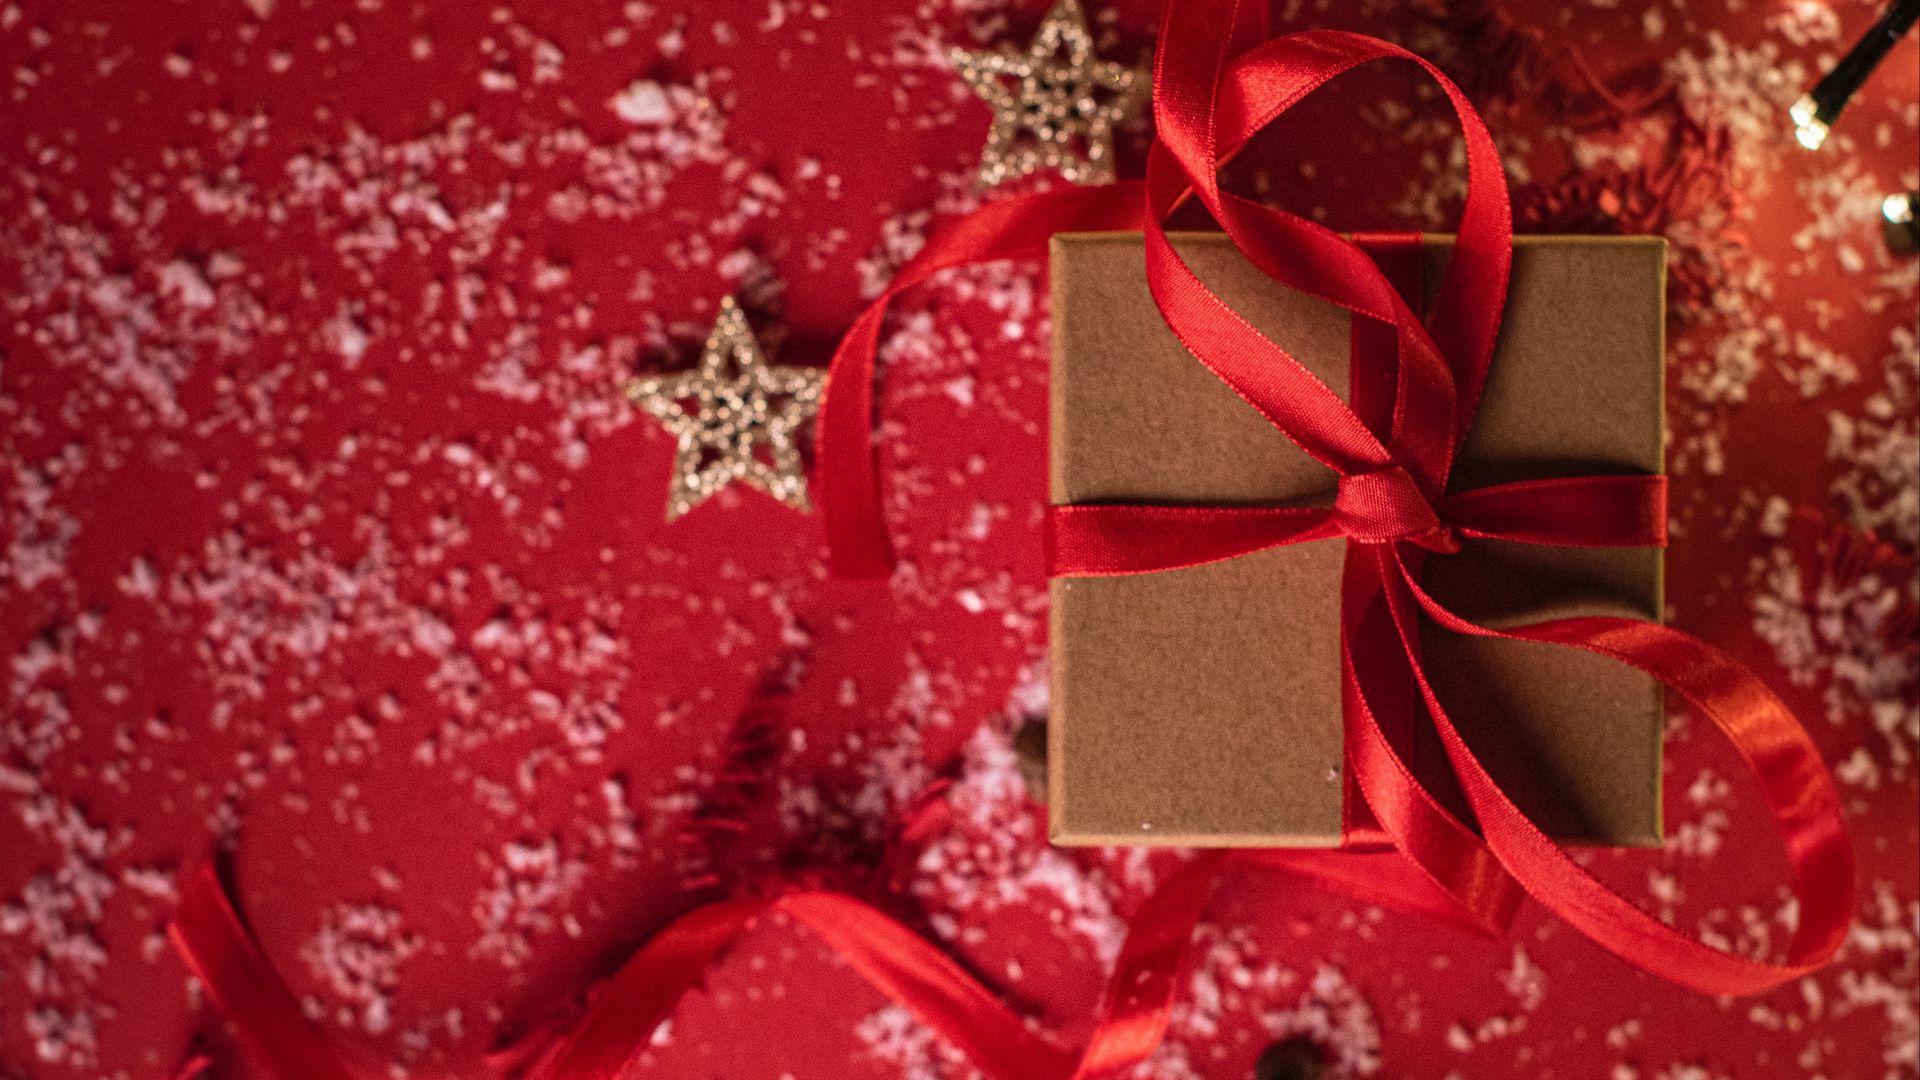 1920x1080 Wallpaper gift, box, ribbon, stars, snow, holiday